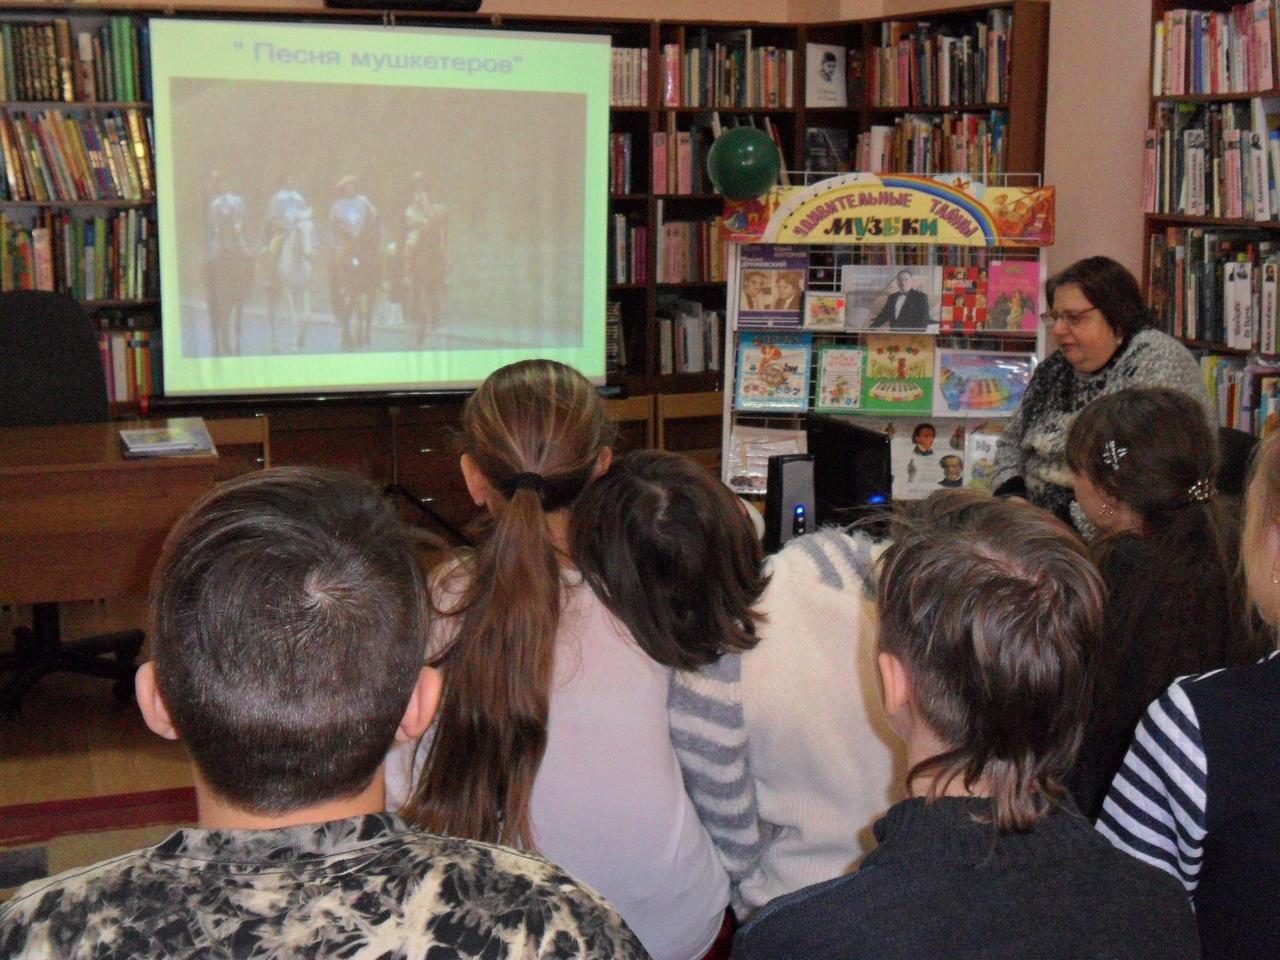 донецкая республиканская библиотека для детей, отдел искусств, с библиотекой интересно, детям обо всем на свете, фортепиано, детям о музыке